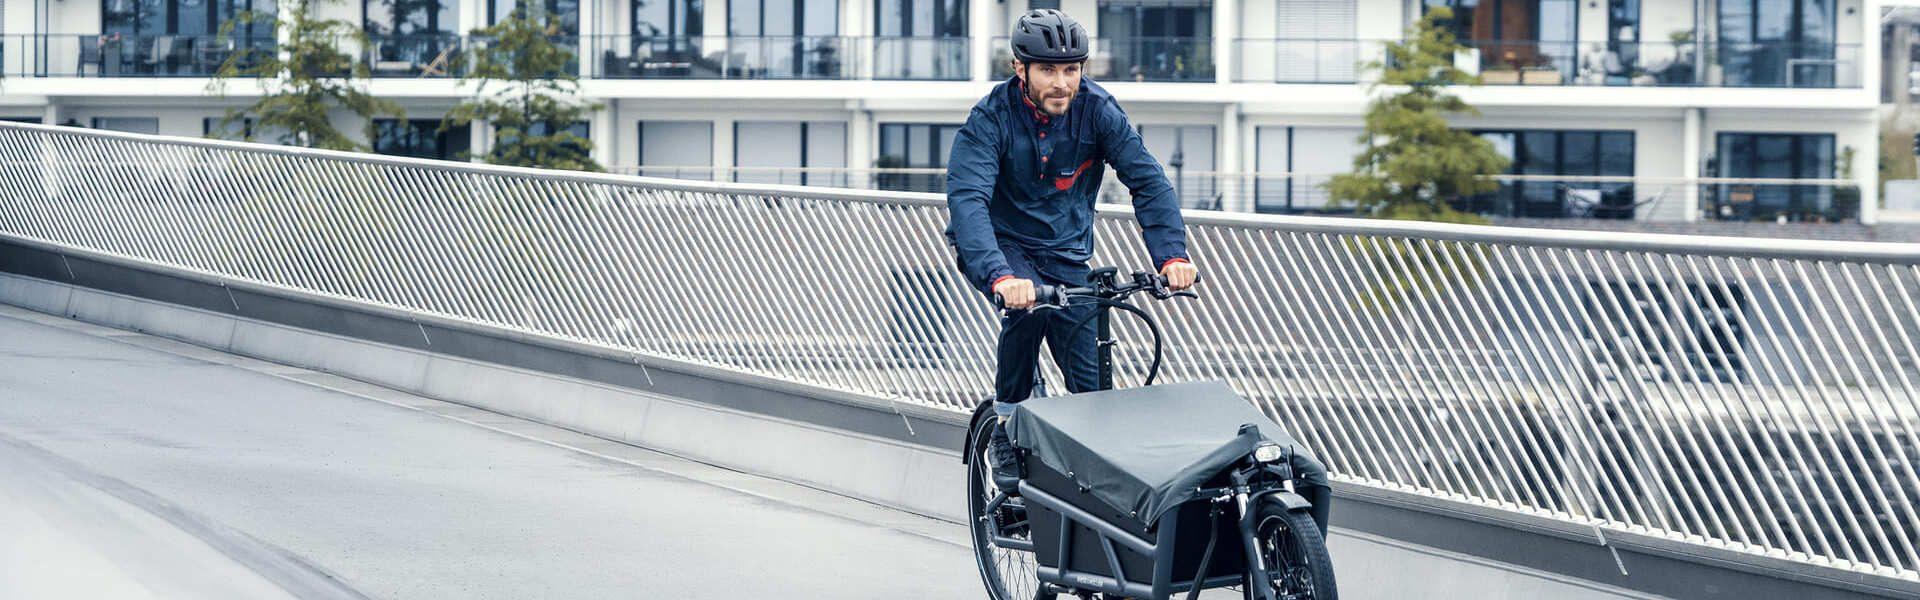 Riese & Müller Lasten e-Bike auf Straße